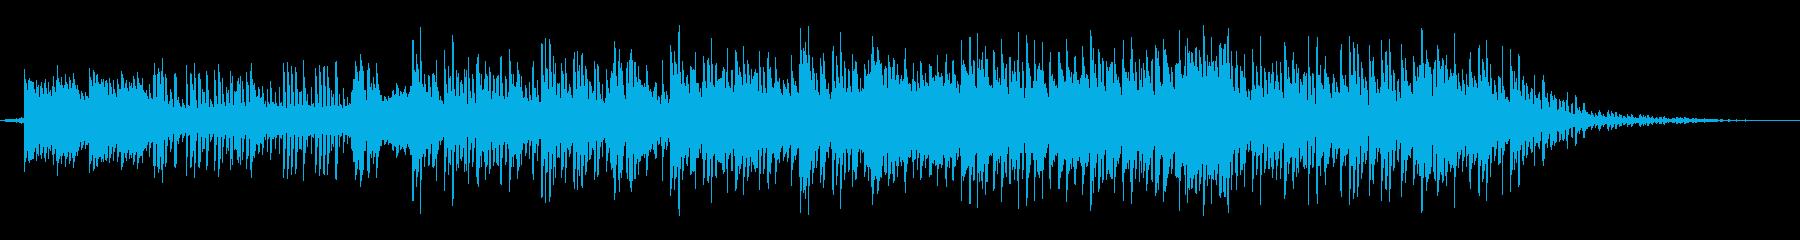 <話題>かわいらしく不気味なハロウィン の再生済みの波形